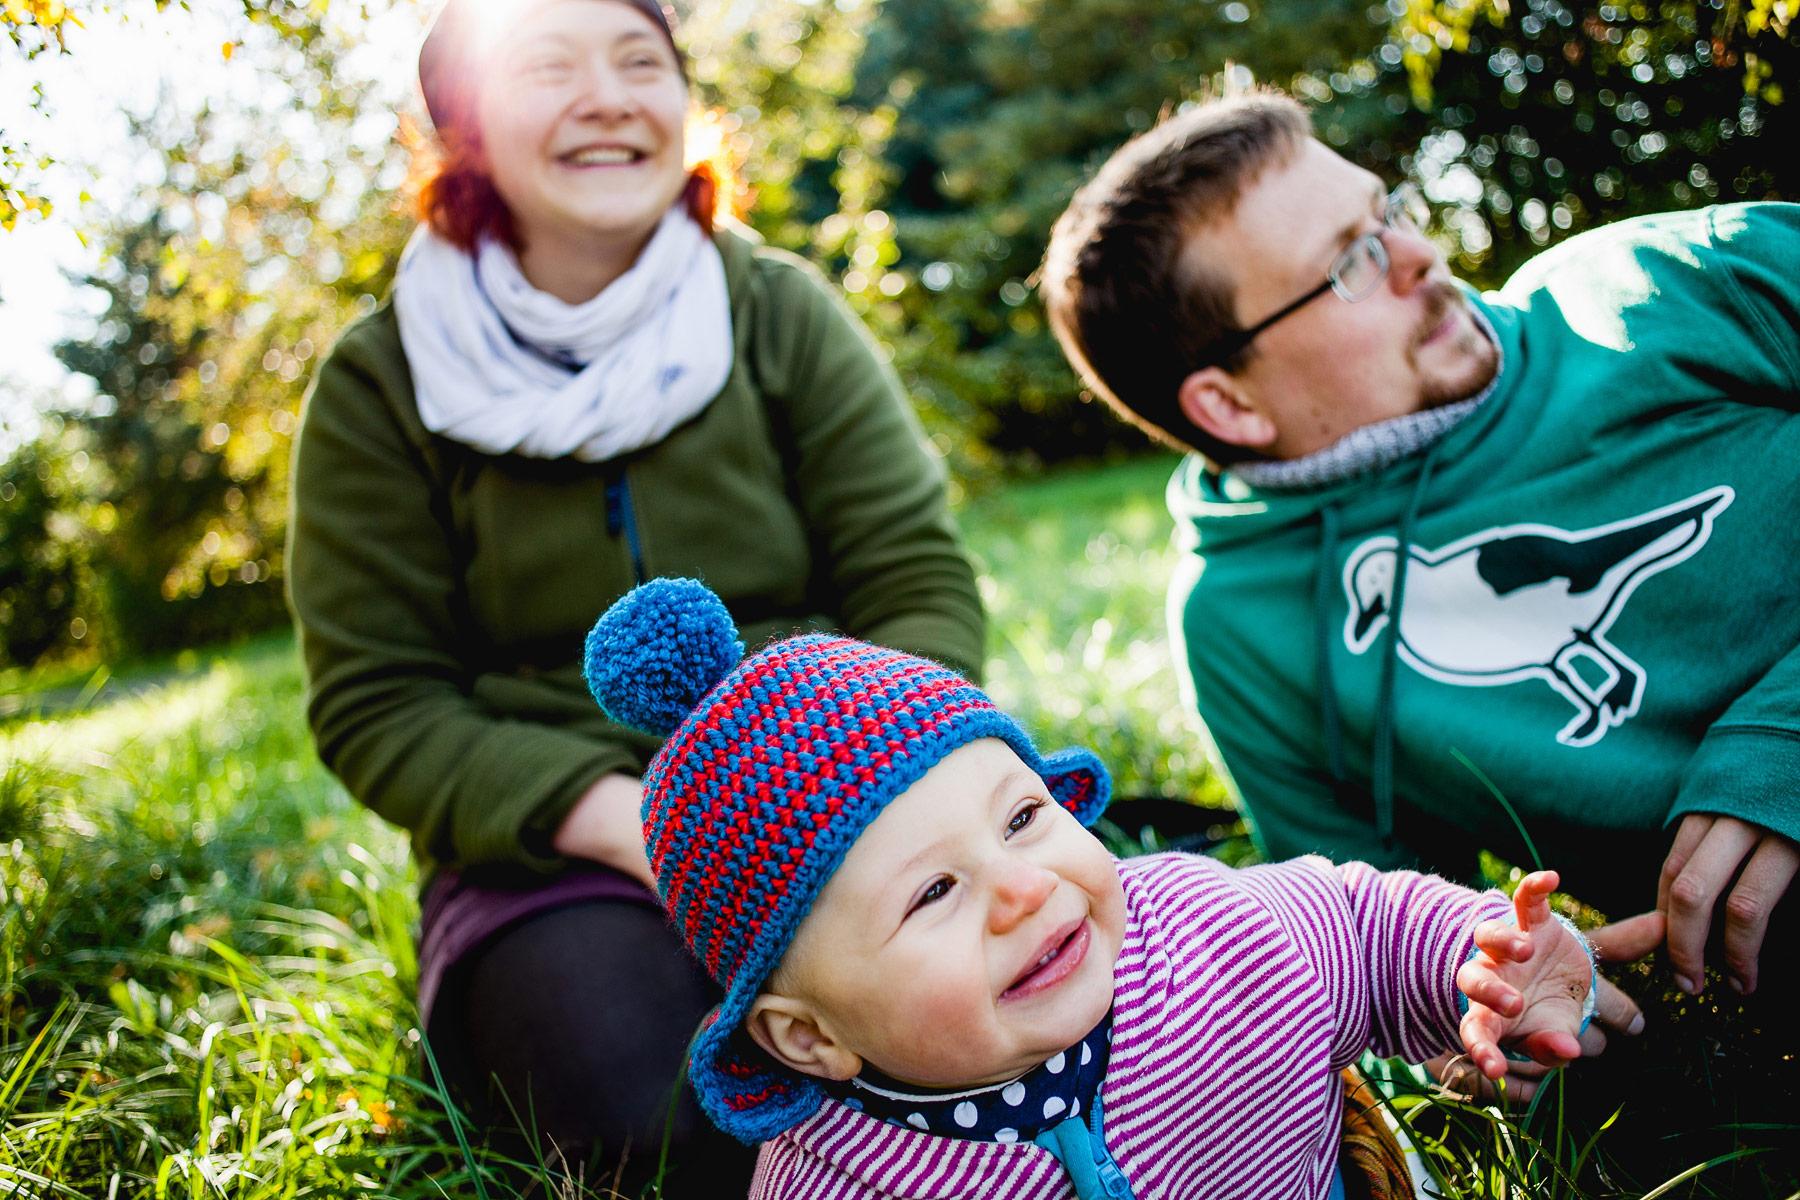 glückliche Familie mit Kleinkind genießt die Natur